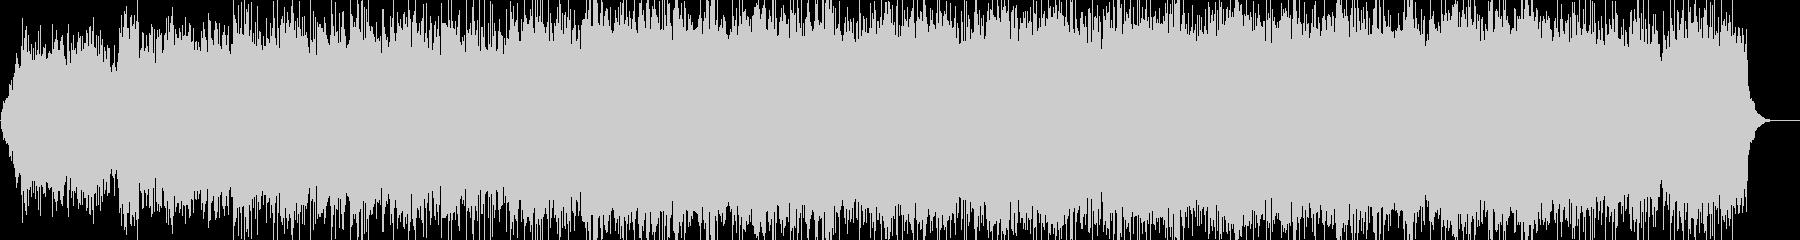 幻想的 浮遊感 ピアノ アンビエントの未再生の波形